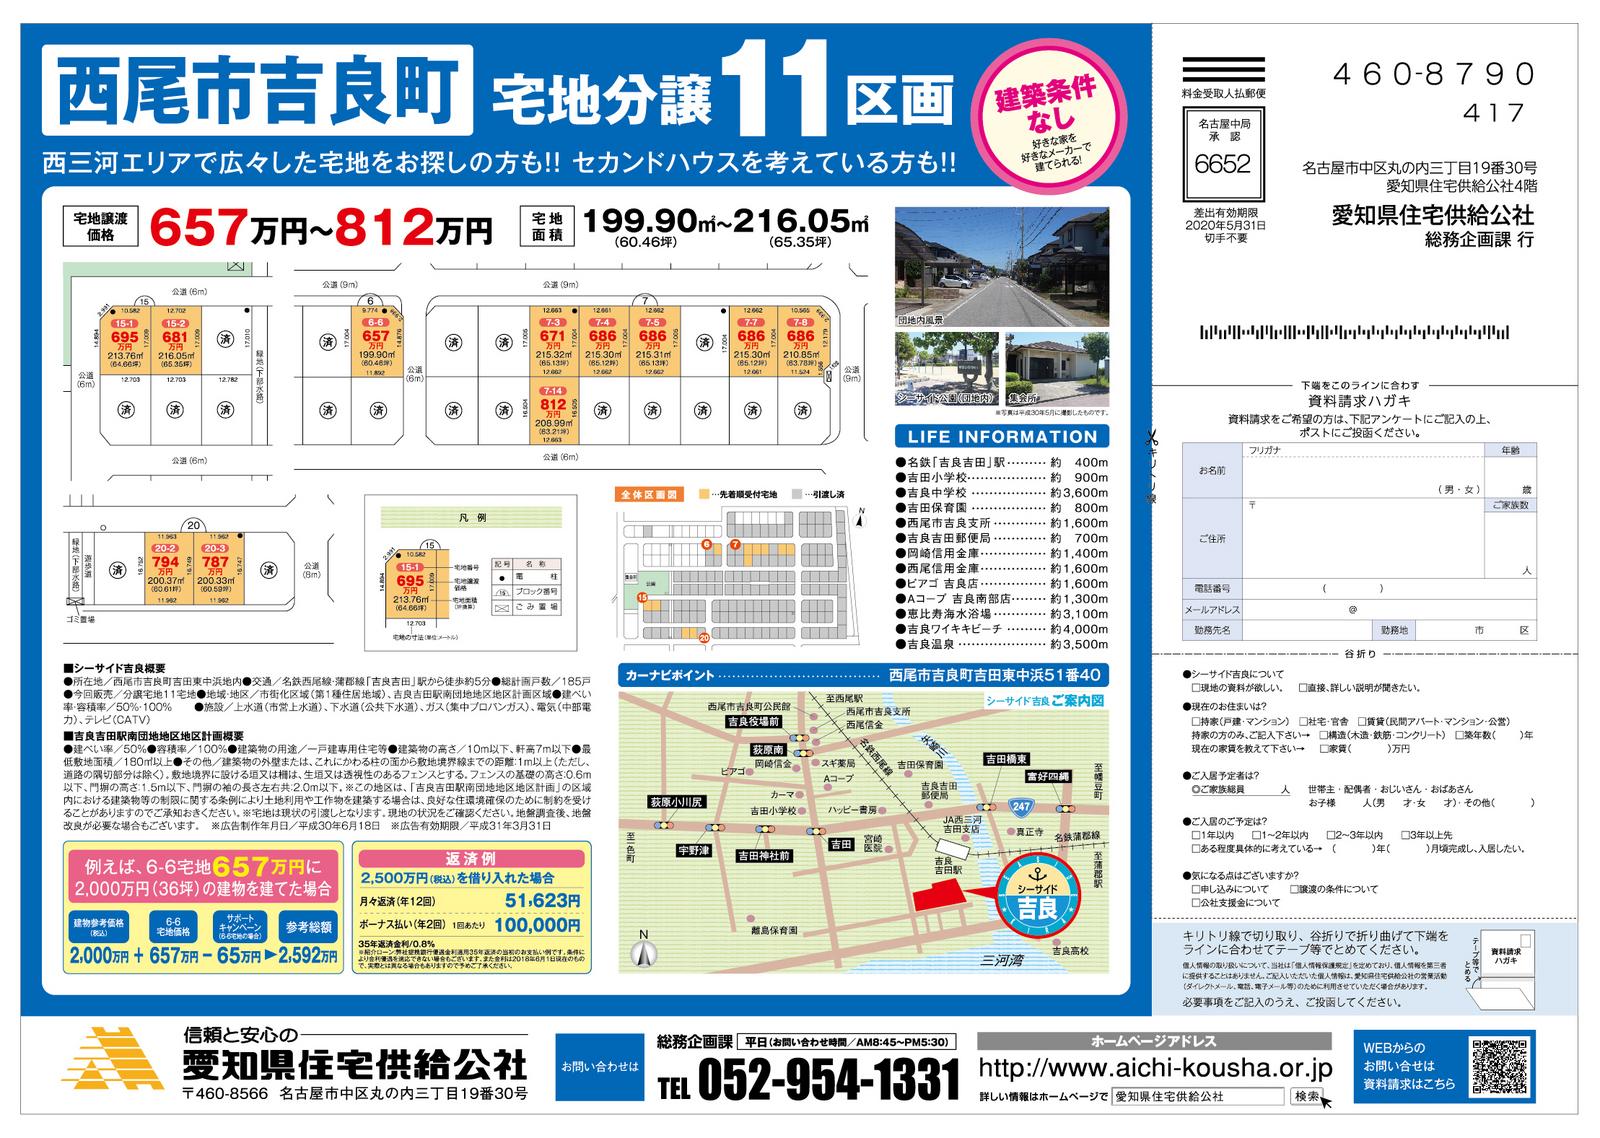 愛知県住宅供給公社様「シーサイド吉良」宅地分譲チラシ